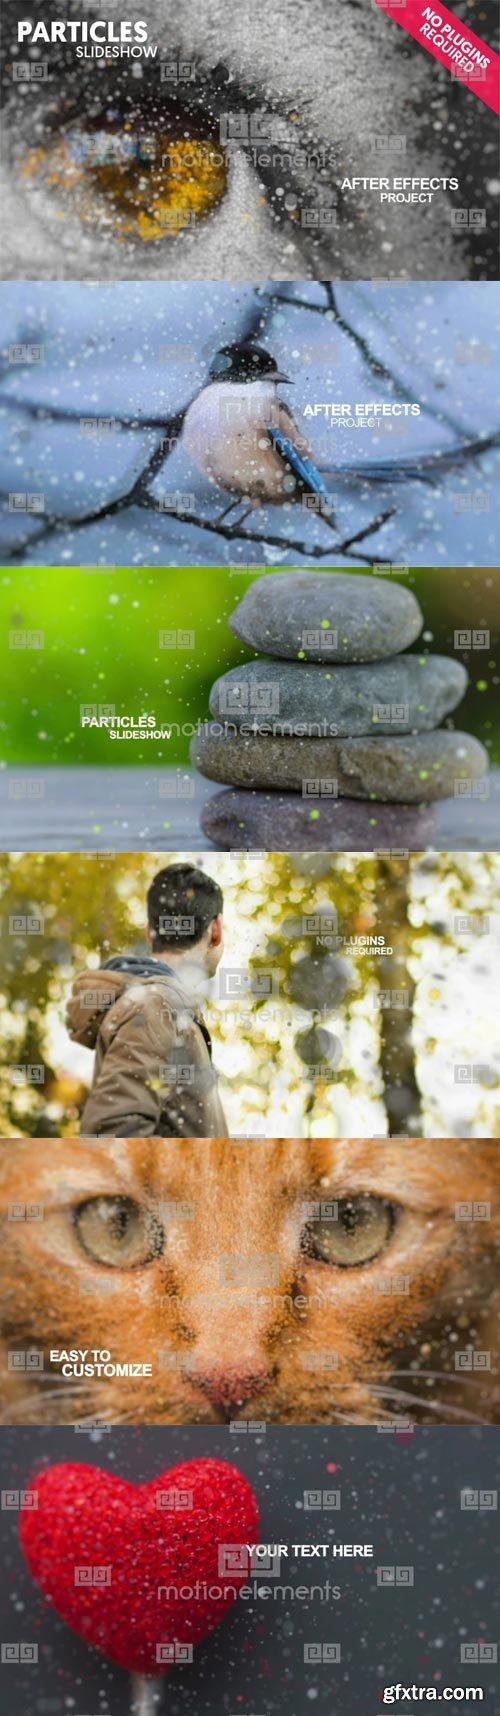 MotionElements - Particles Slideshow - 9241038